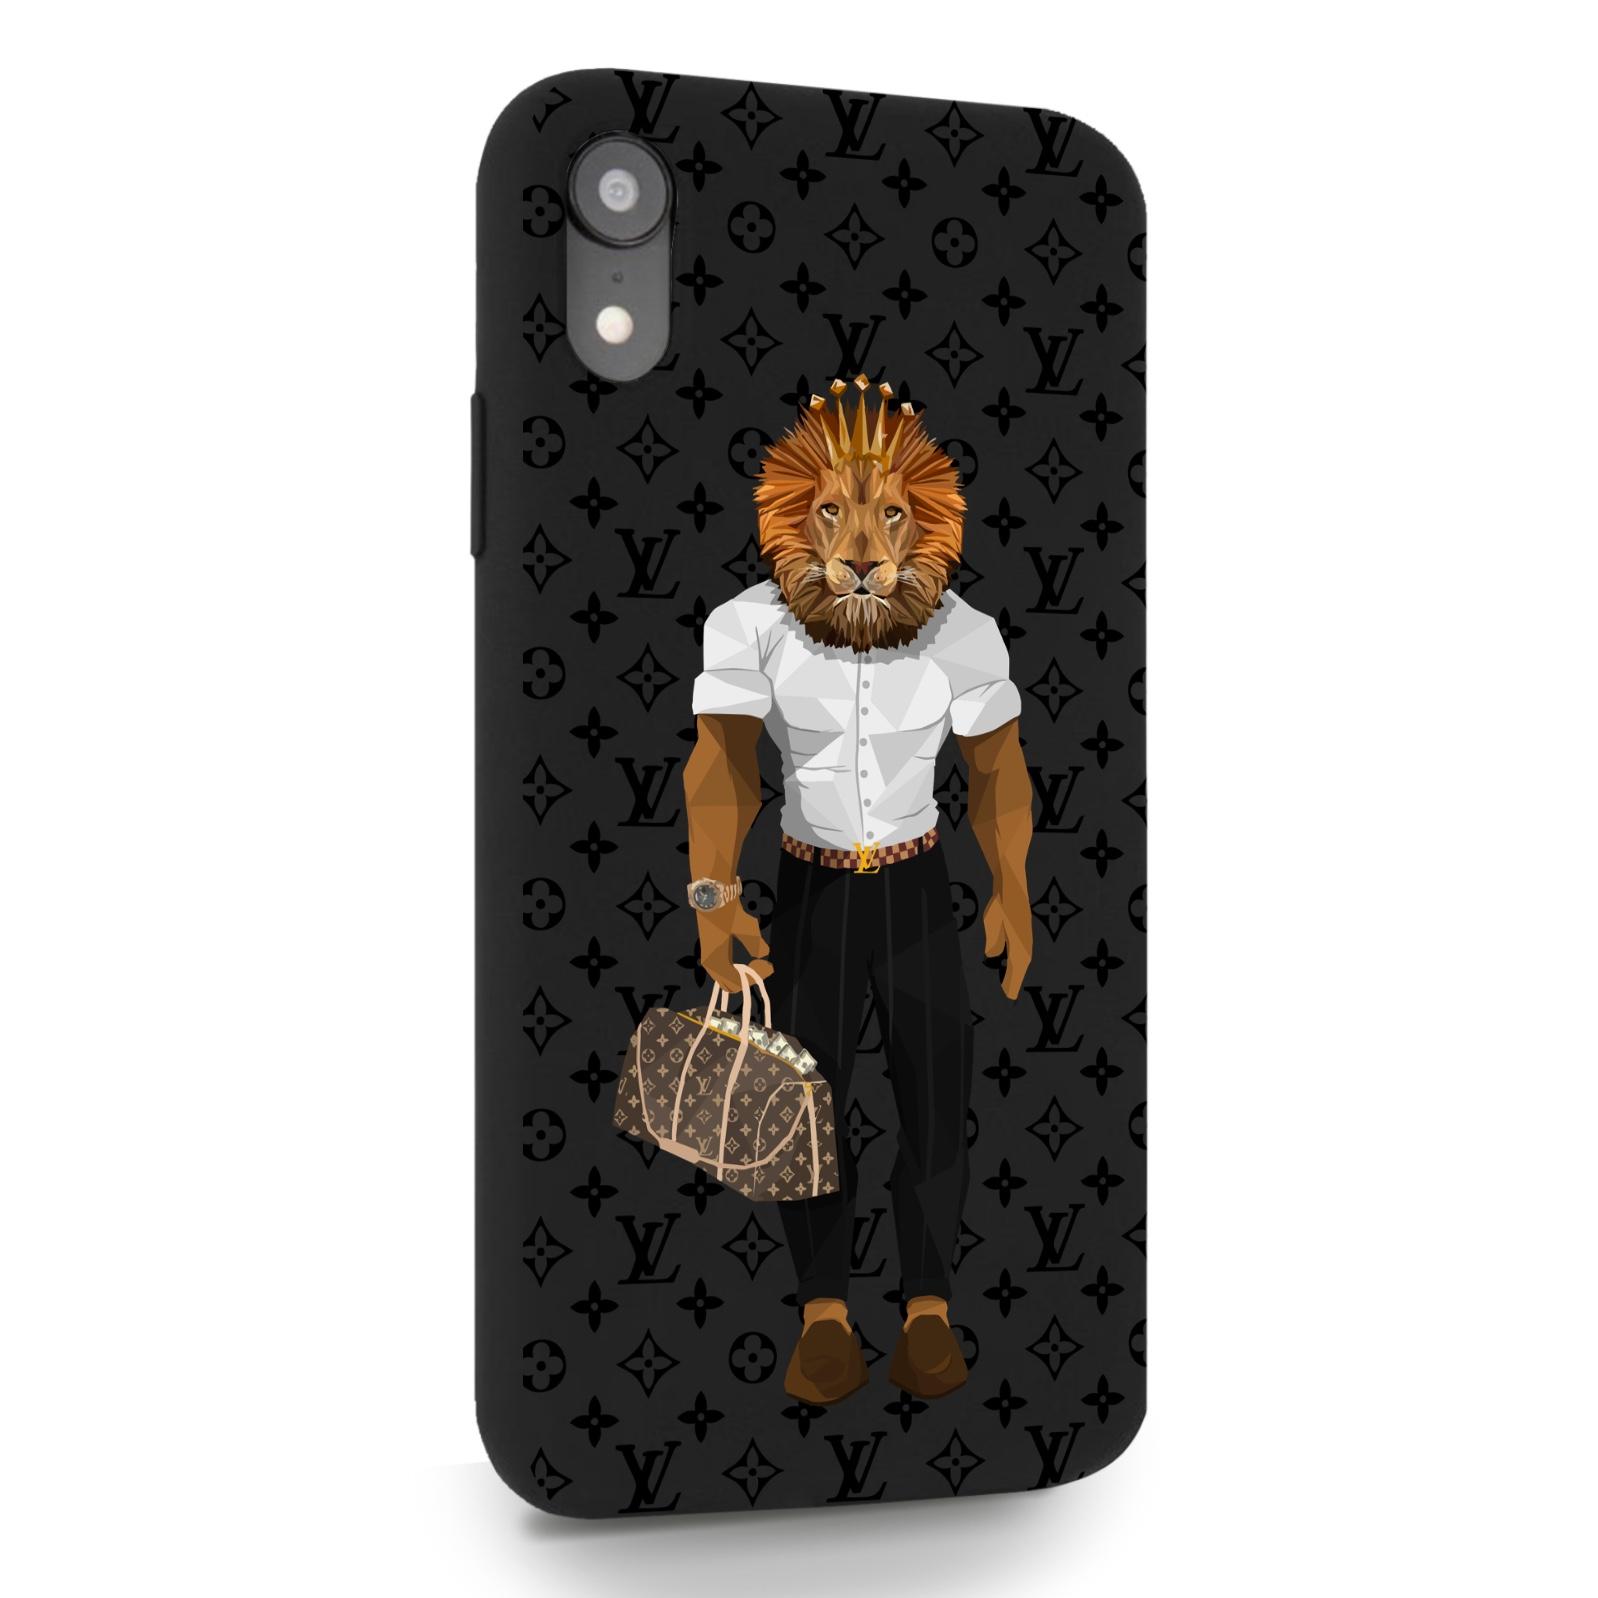 Черный силиконовый чехол для iPhone XR LV Lion для Айфон 10R